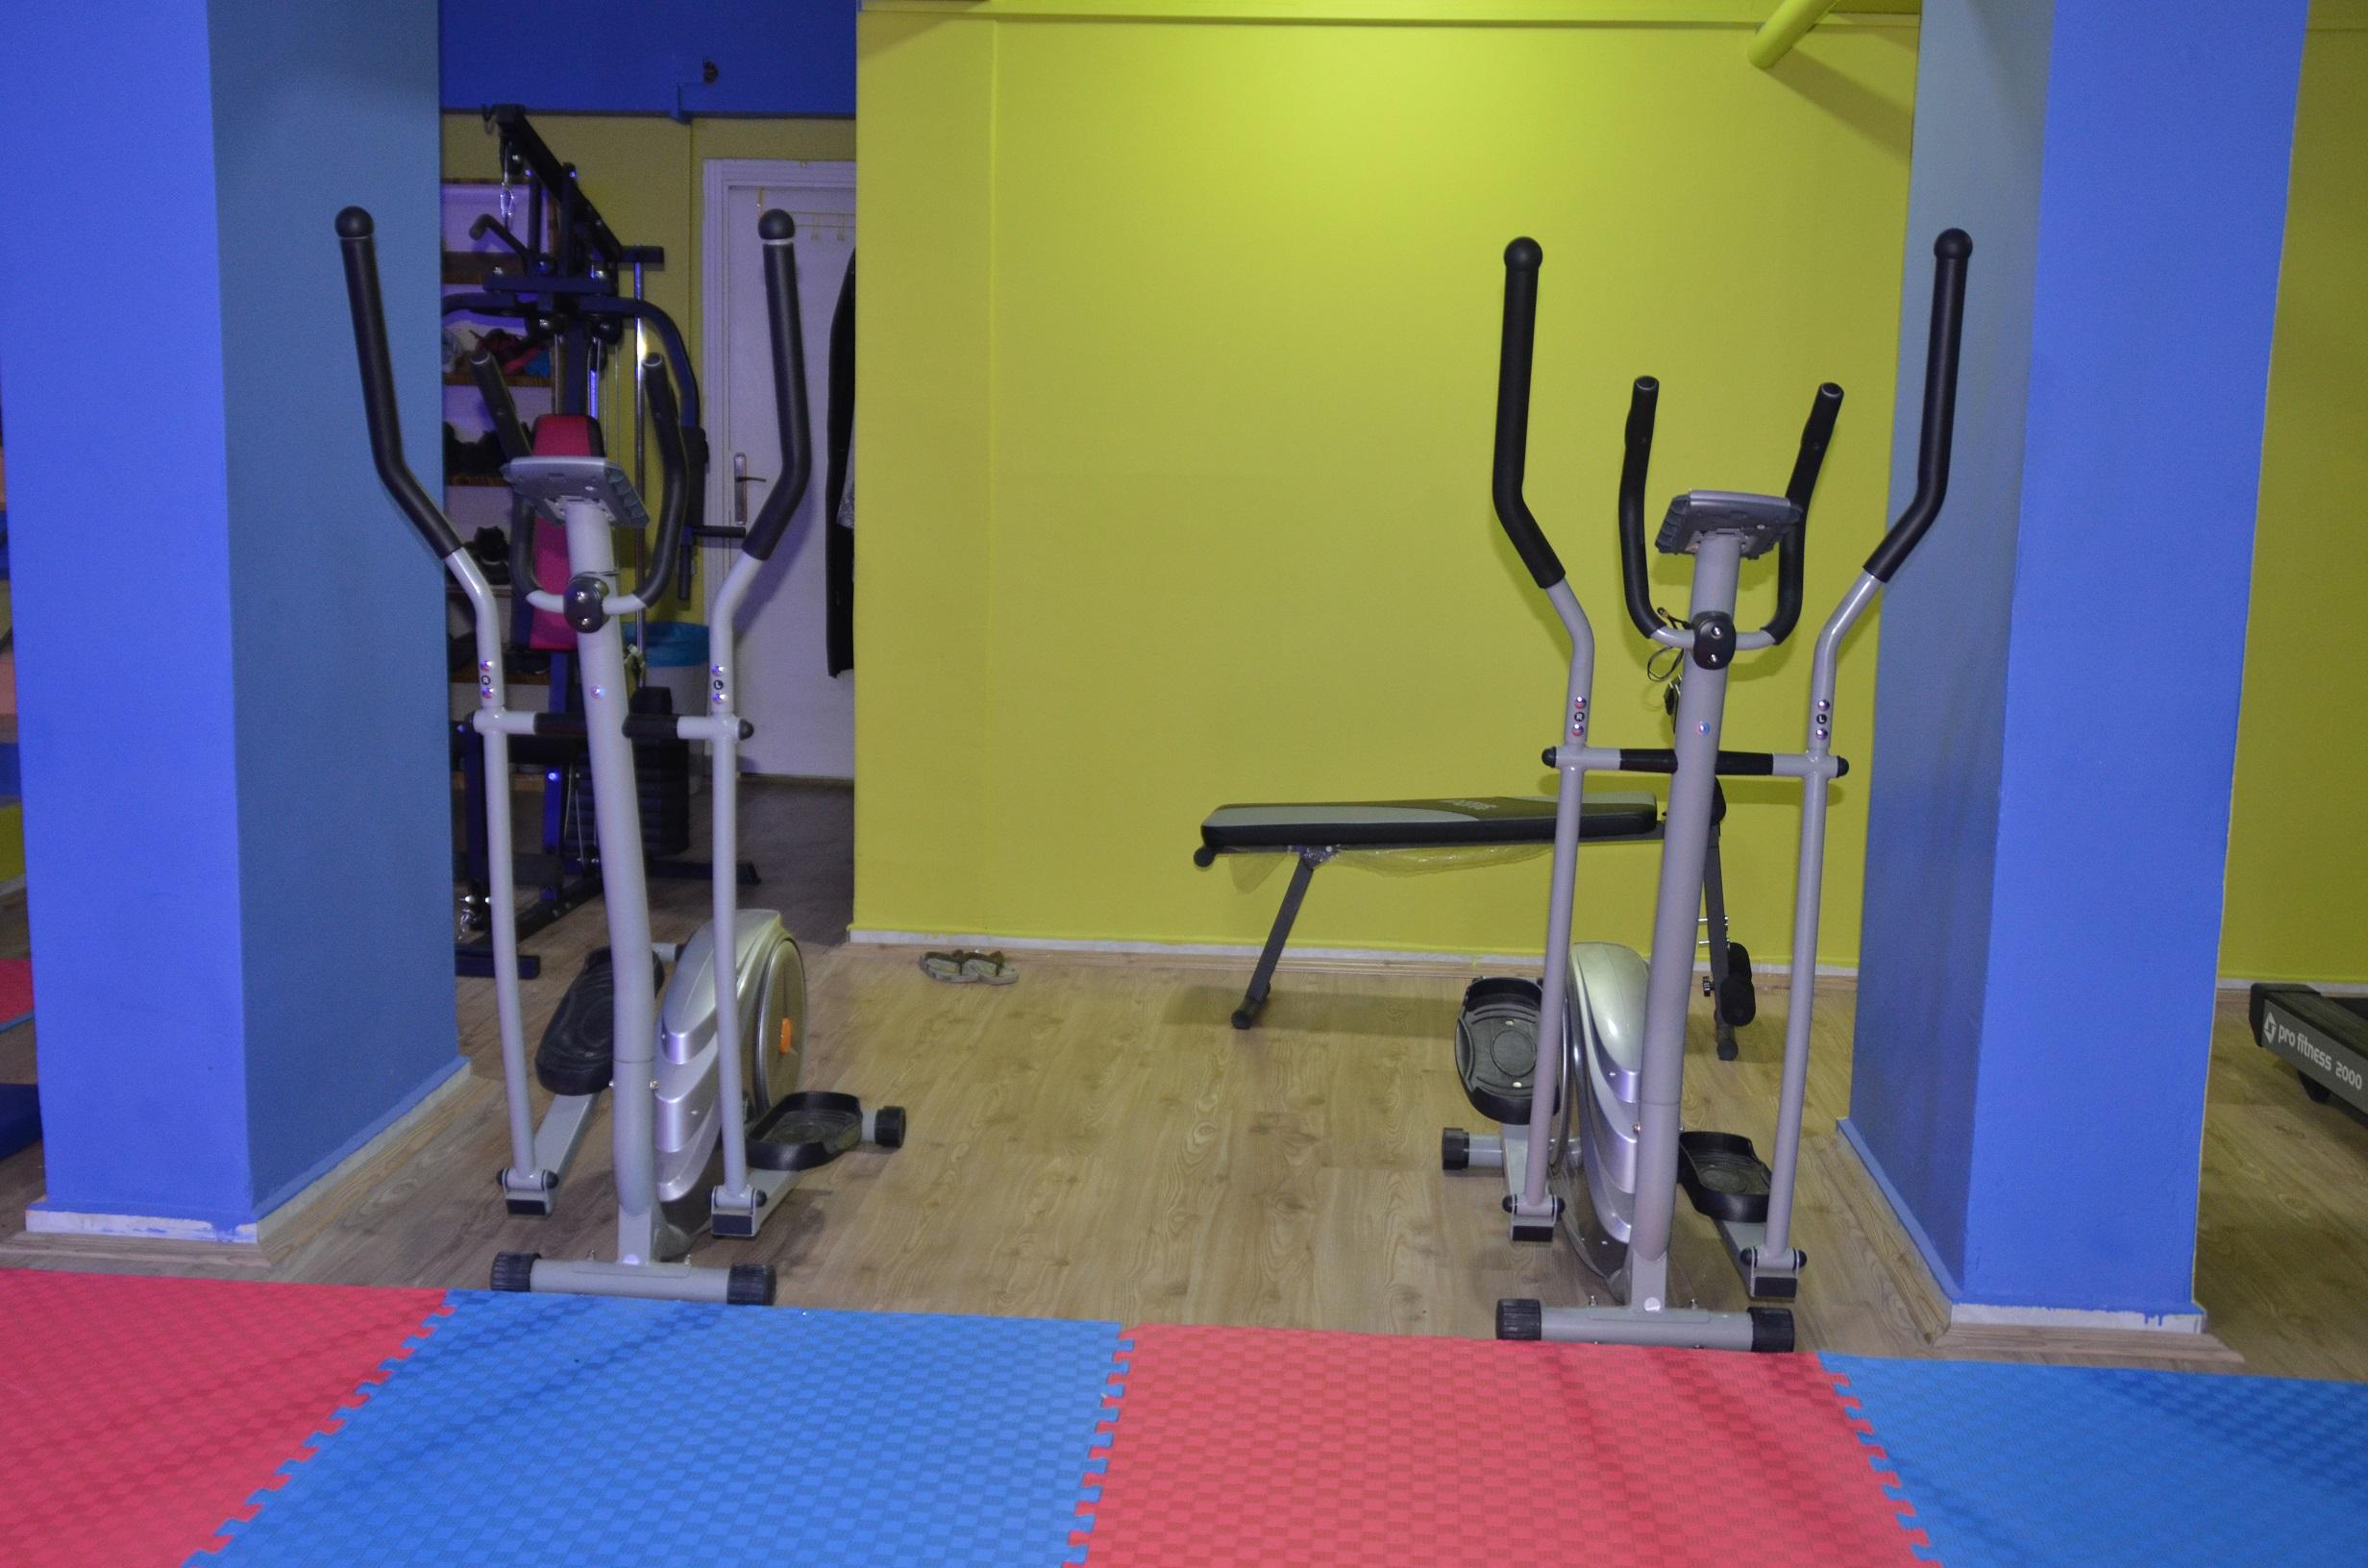 Ağrı Belediyesikadınlara yönelik Pilates, Fitness ve Kardio kursları vermeye başladı.